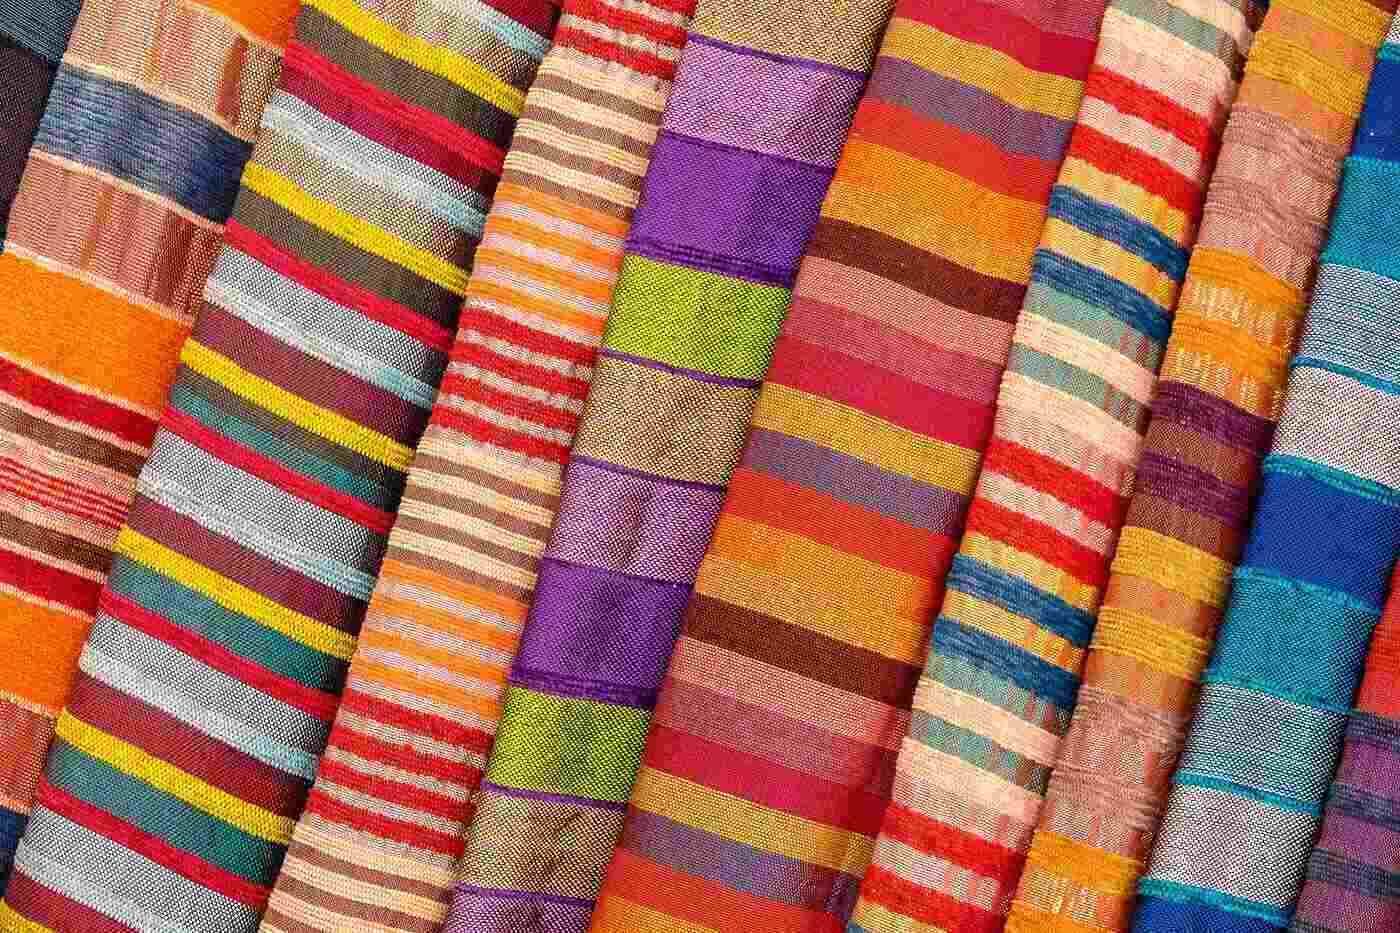 multi-coloured fabrics - fair trade vs colourful fashion